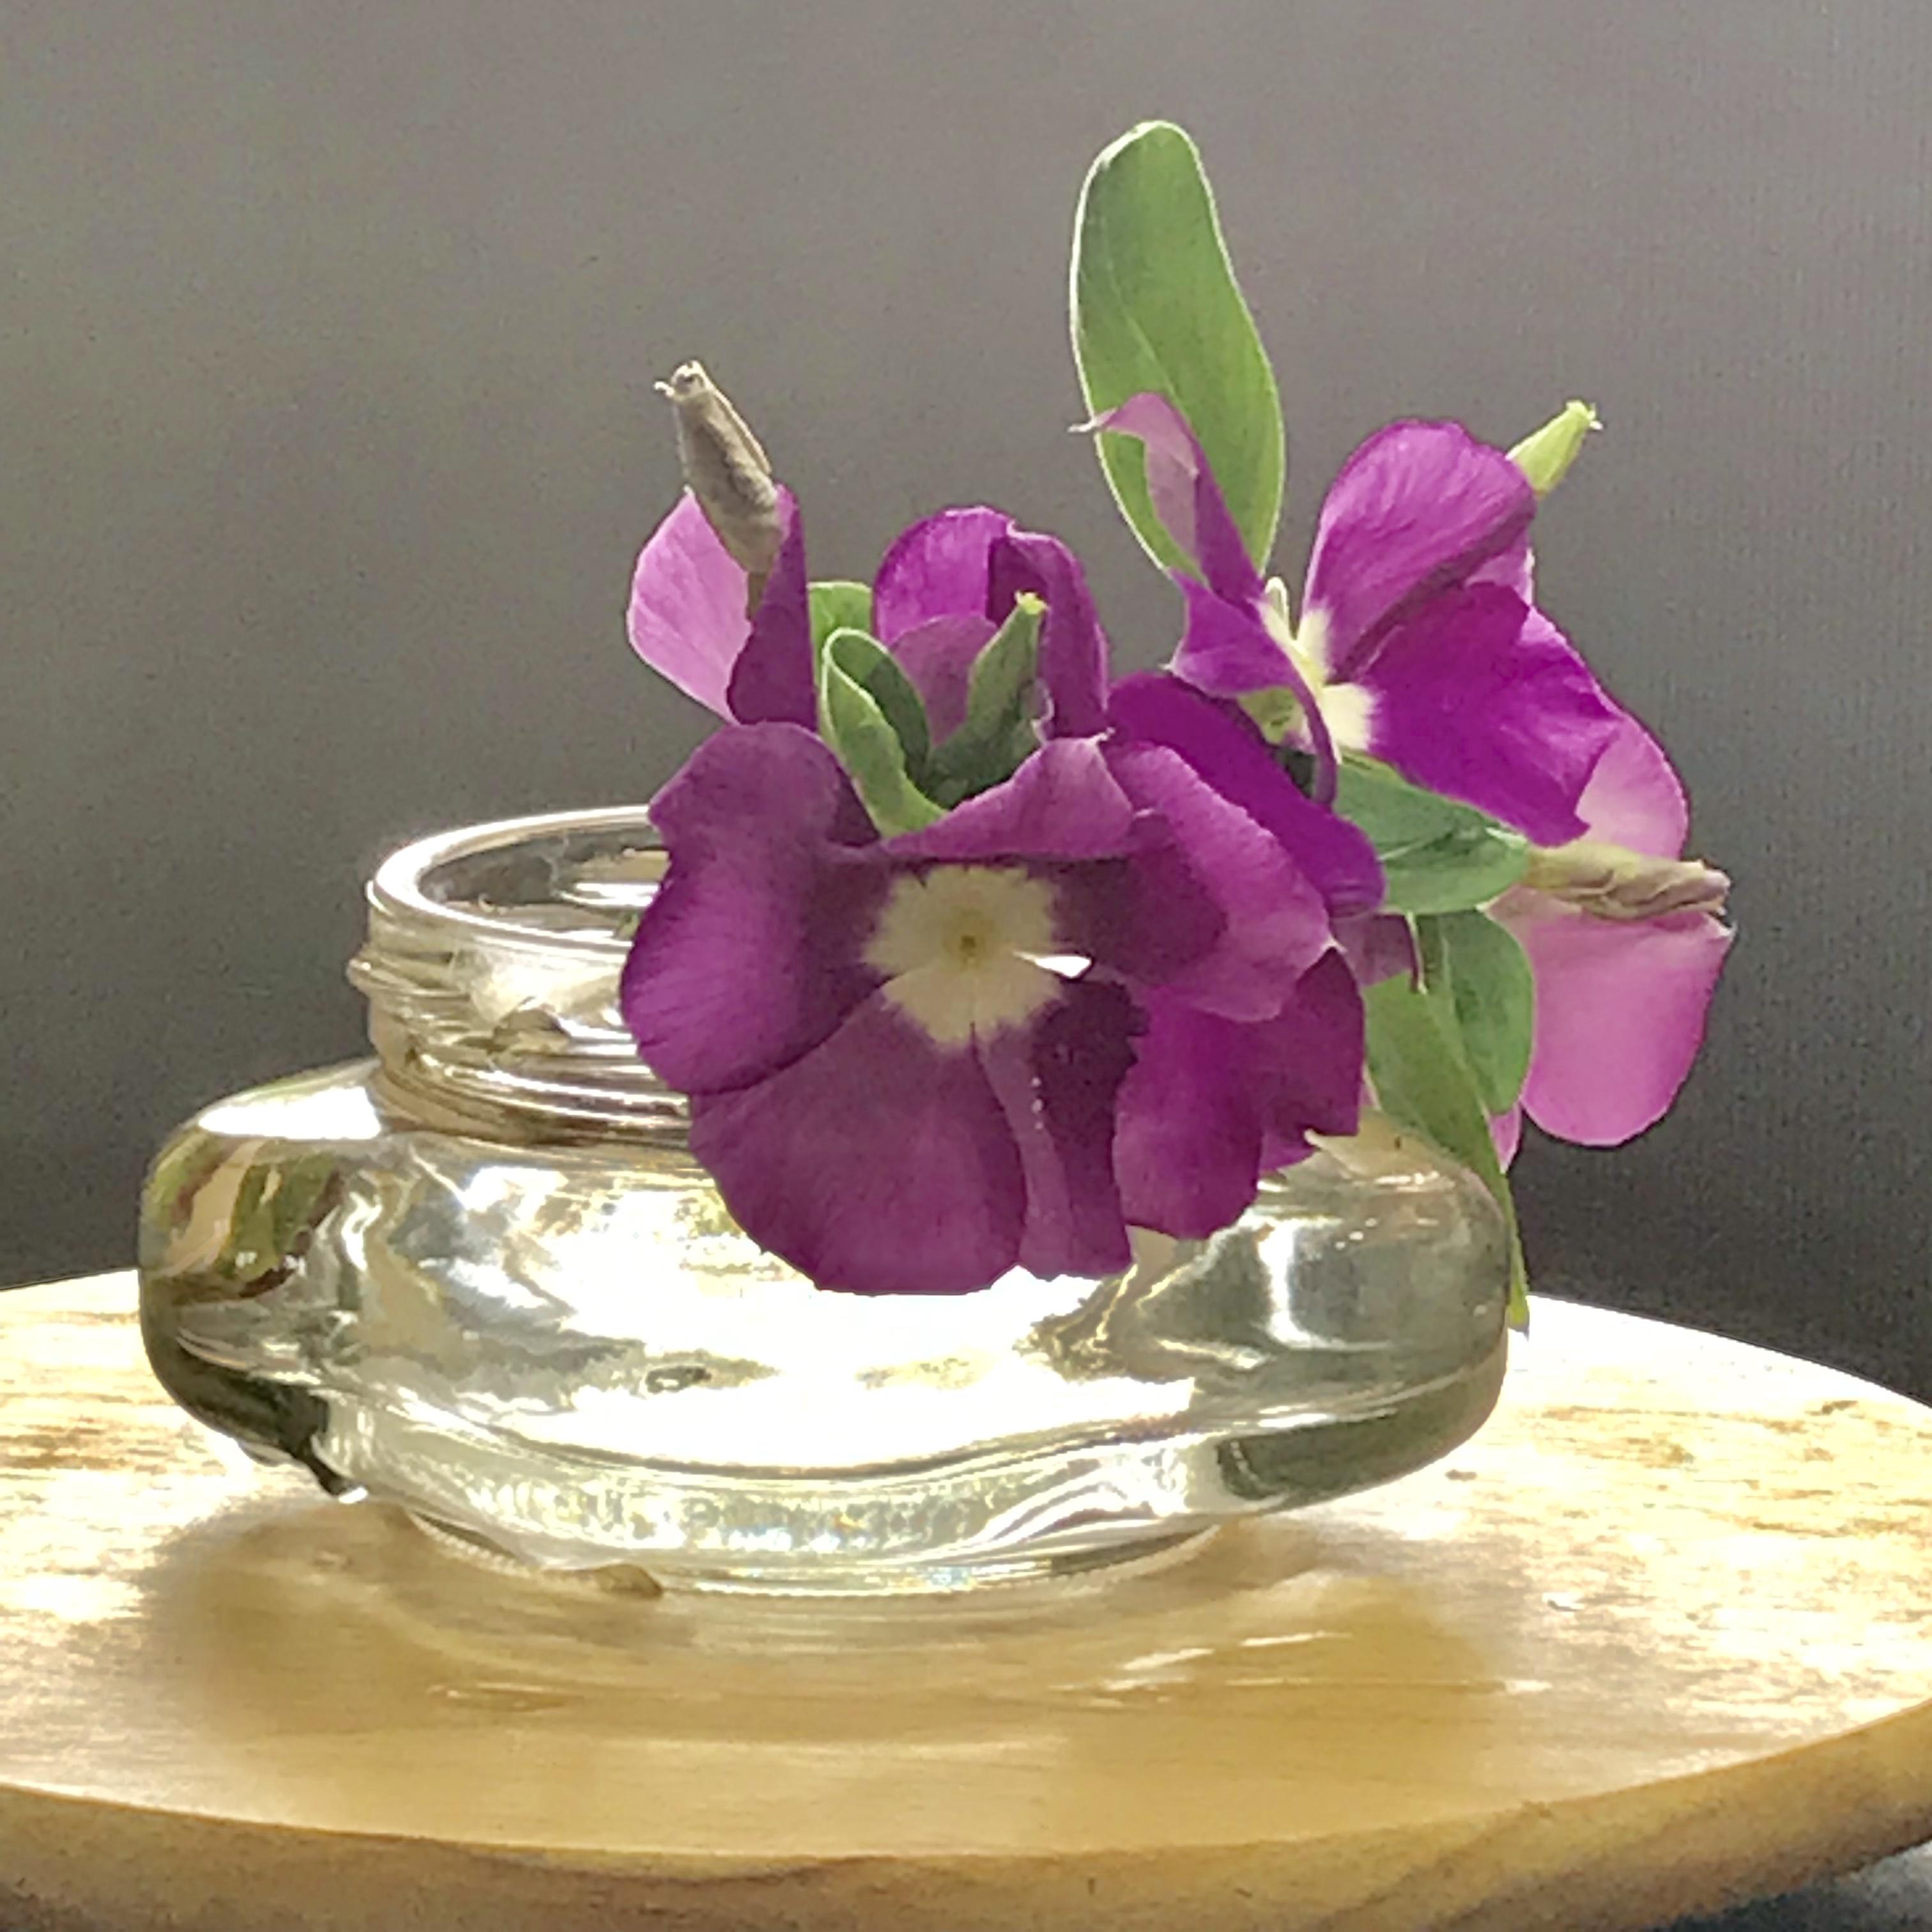 涼しさのおもてなし。庭のお花